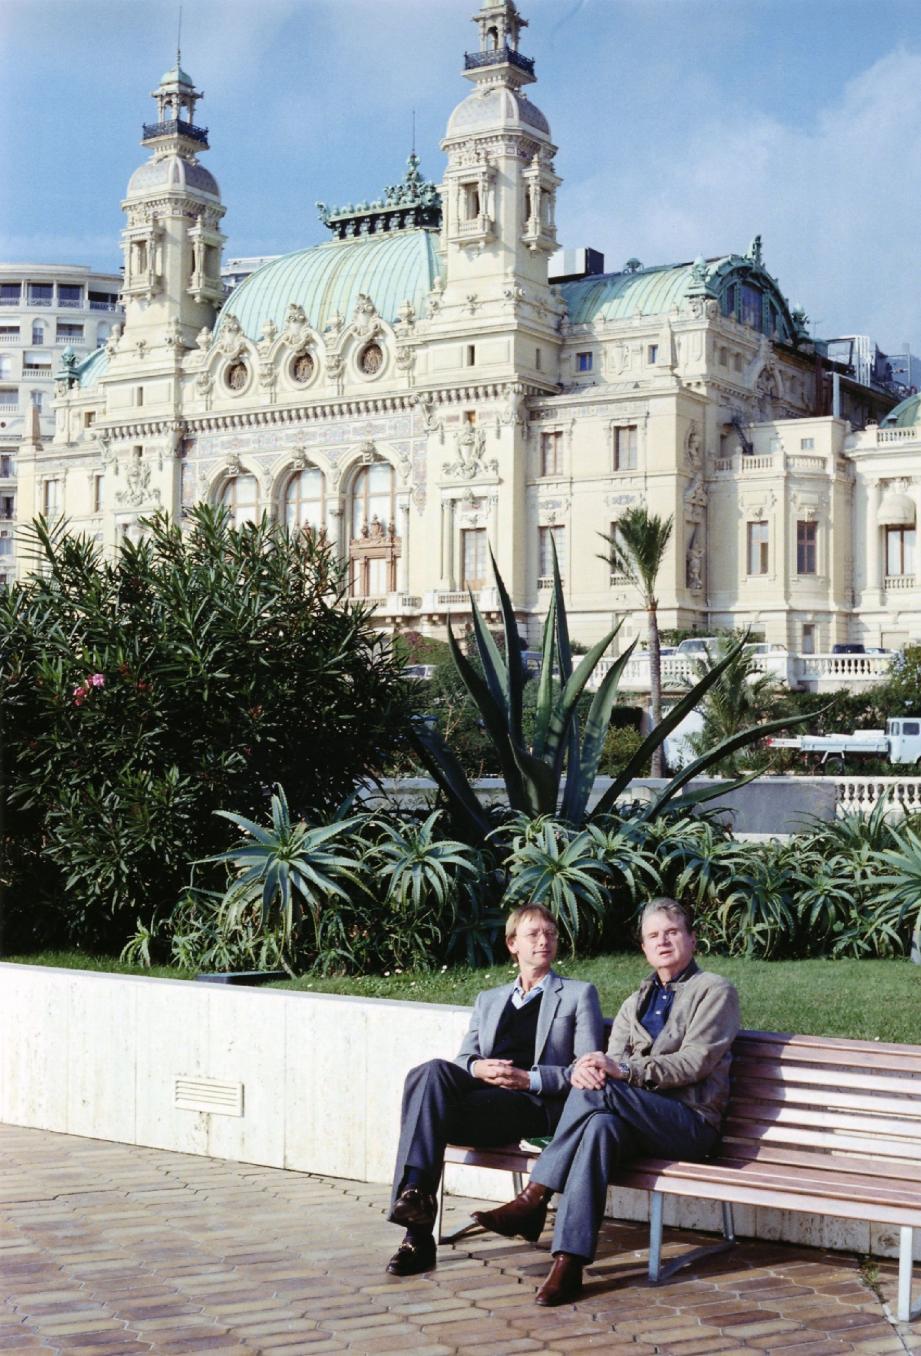 Francis Bacon, assis à droite, lors d'un séjour à Monaco en novembre 1981, accompagné par Reinhard Hassert.